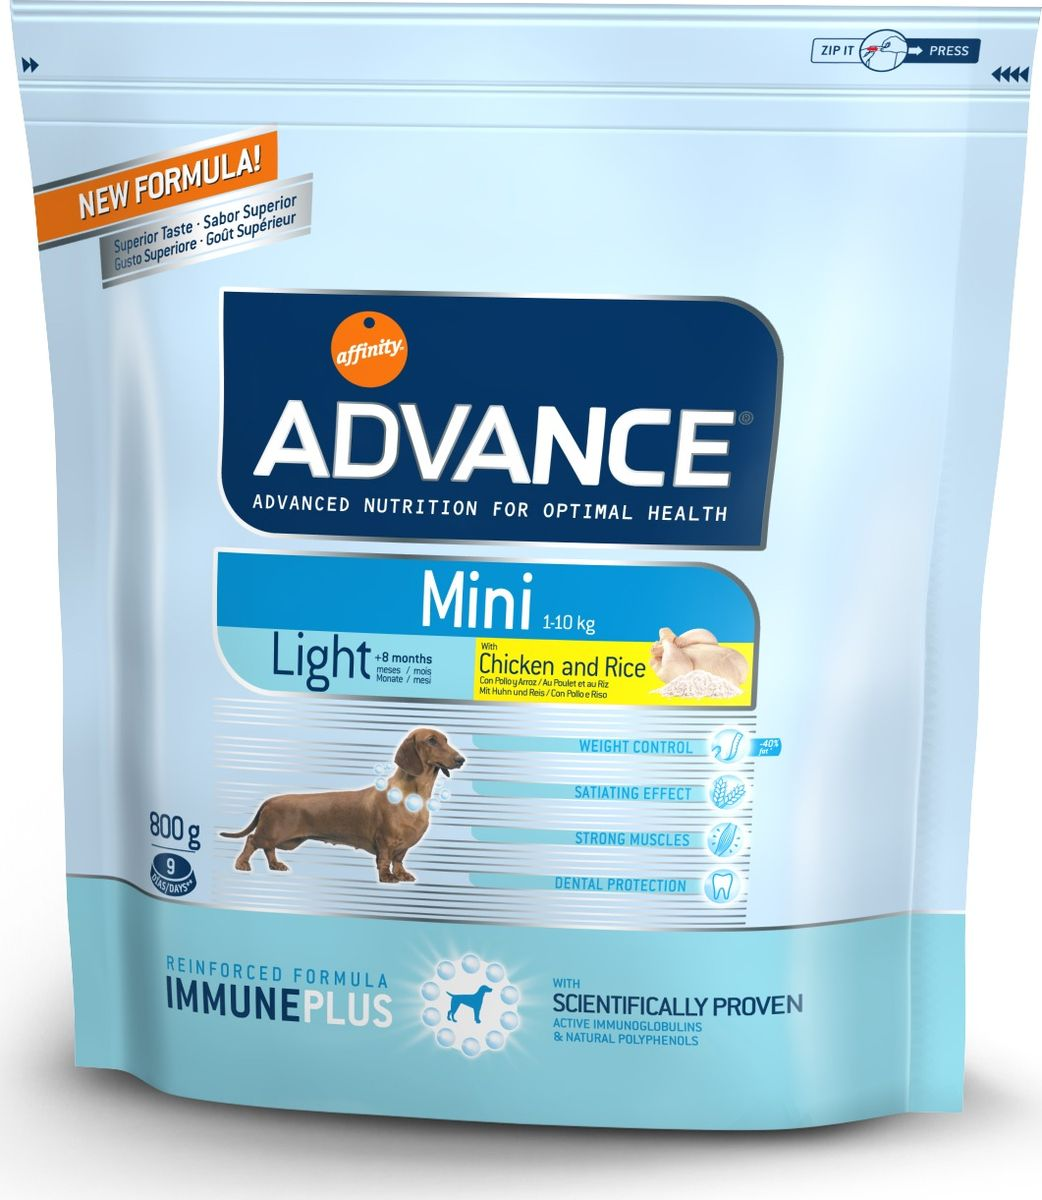 Корм сухой Advance Mini Light для собак малых пород, с курицей и рисом, 0,8 кг13049/46119Advance - высококачественный корм супер-премиум класса испанской компании Affinity Petcare, которая занимает лидирующие места на европейском и мировом рынках. Корм разработан с учетом всех особенностей развития и жизнедеятельности собак и кошек. В линейке кормов Advance любой хозяин может подобрать необходимое питание в соответствии с возрастом и уникальными особенностями своего животного, а также в случае назначения специалистами ветеринарной диеты. Affinity Petcare имеет собственную лабораторию, а также сотрудничает с множеством международных исследовательских центров, благодаря чему специалисты постоянно совершенствуют рецептуру и полезные свойства своих кормов. В составе главным источником белка является СВЕЖЕЕ мясо, благодаря которому корм обладает высокими вкусовыми качествами, а также высокой питательной ценностью.Advance Mini Light - это высококачественный сбалансированный полнорационный корм для взрослых собак мини-пород (вес взрослых животных менее 10 кг) с избыточным весом или склонных к набору веса. У корма высокое содержание клетчатки и белка в комбинации с низкокалорийными ингредиентами для поддержания оптимального веса собаки, а также для потери лишнего веса без потери мышечной массы. L-карнитин: помогает переработать жировые клетки в энергию, сжигая избыточные жировые клетки в организме собаки. Крокеты малого размера: адаптированы к челюсти и зубам собак мини-пород. Состав: курица (15%), пшеница, рис (12%), маис, дегидрированное мясо курицы, маисовый глютен, гидролизированный белок животного происхождения, кукурузные отруби, свекольный жом, дегидрированный белок свинины, животный жир, дрожжи, рыбий жир, карбонат кальция, хлористый калий, плазменный протеин, растительные волокна, пирофосфорнокислый натрий, трикальцийфосфат, глюкозамин, хондроитинсульфат, природные полифенолы.Анализ: протеин 29%, жиры 10,5%, сырые волокна 3,5%, неорганическое вещество 6%, кальций 1